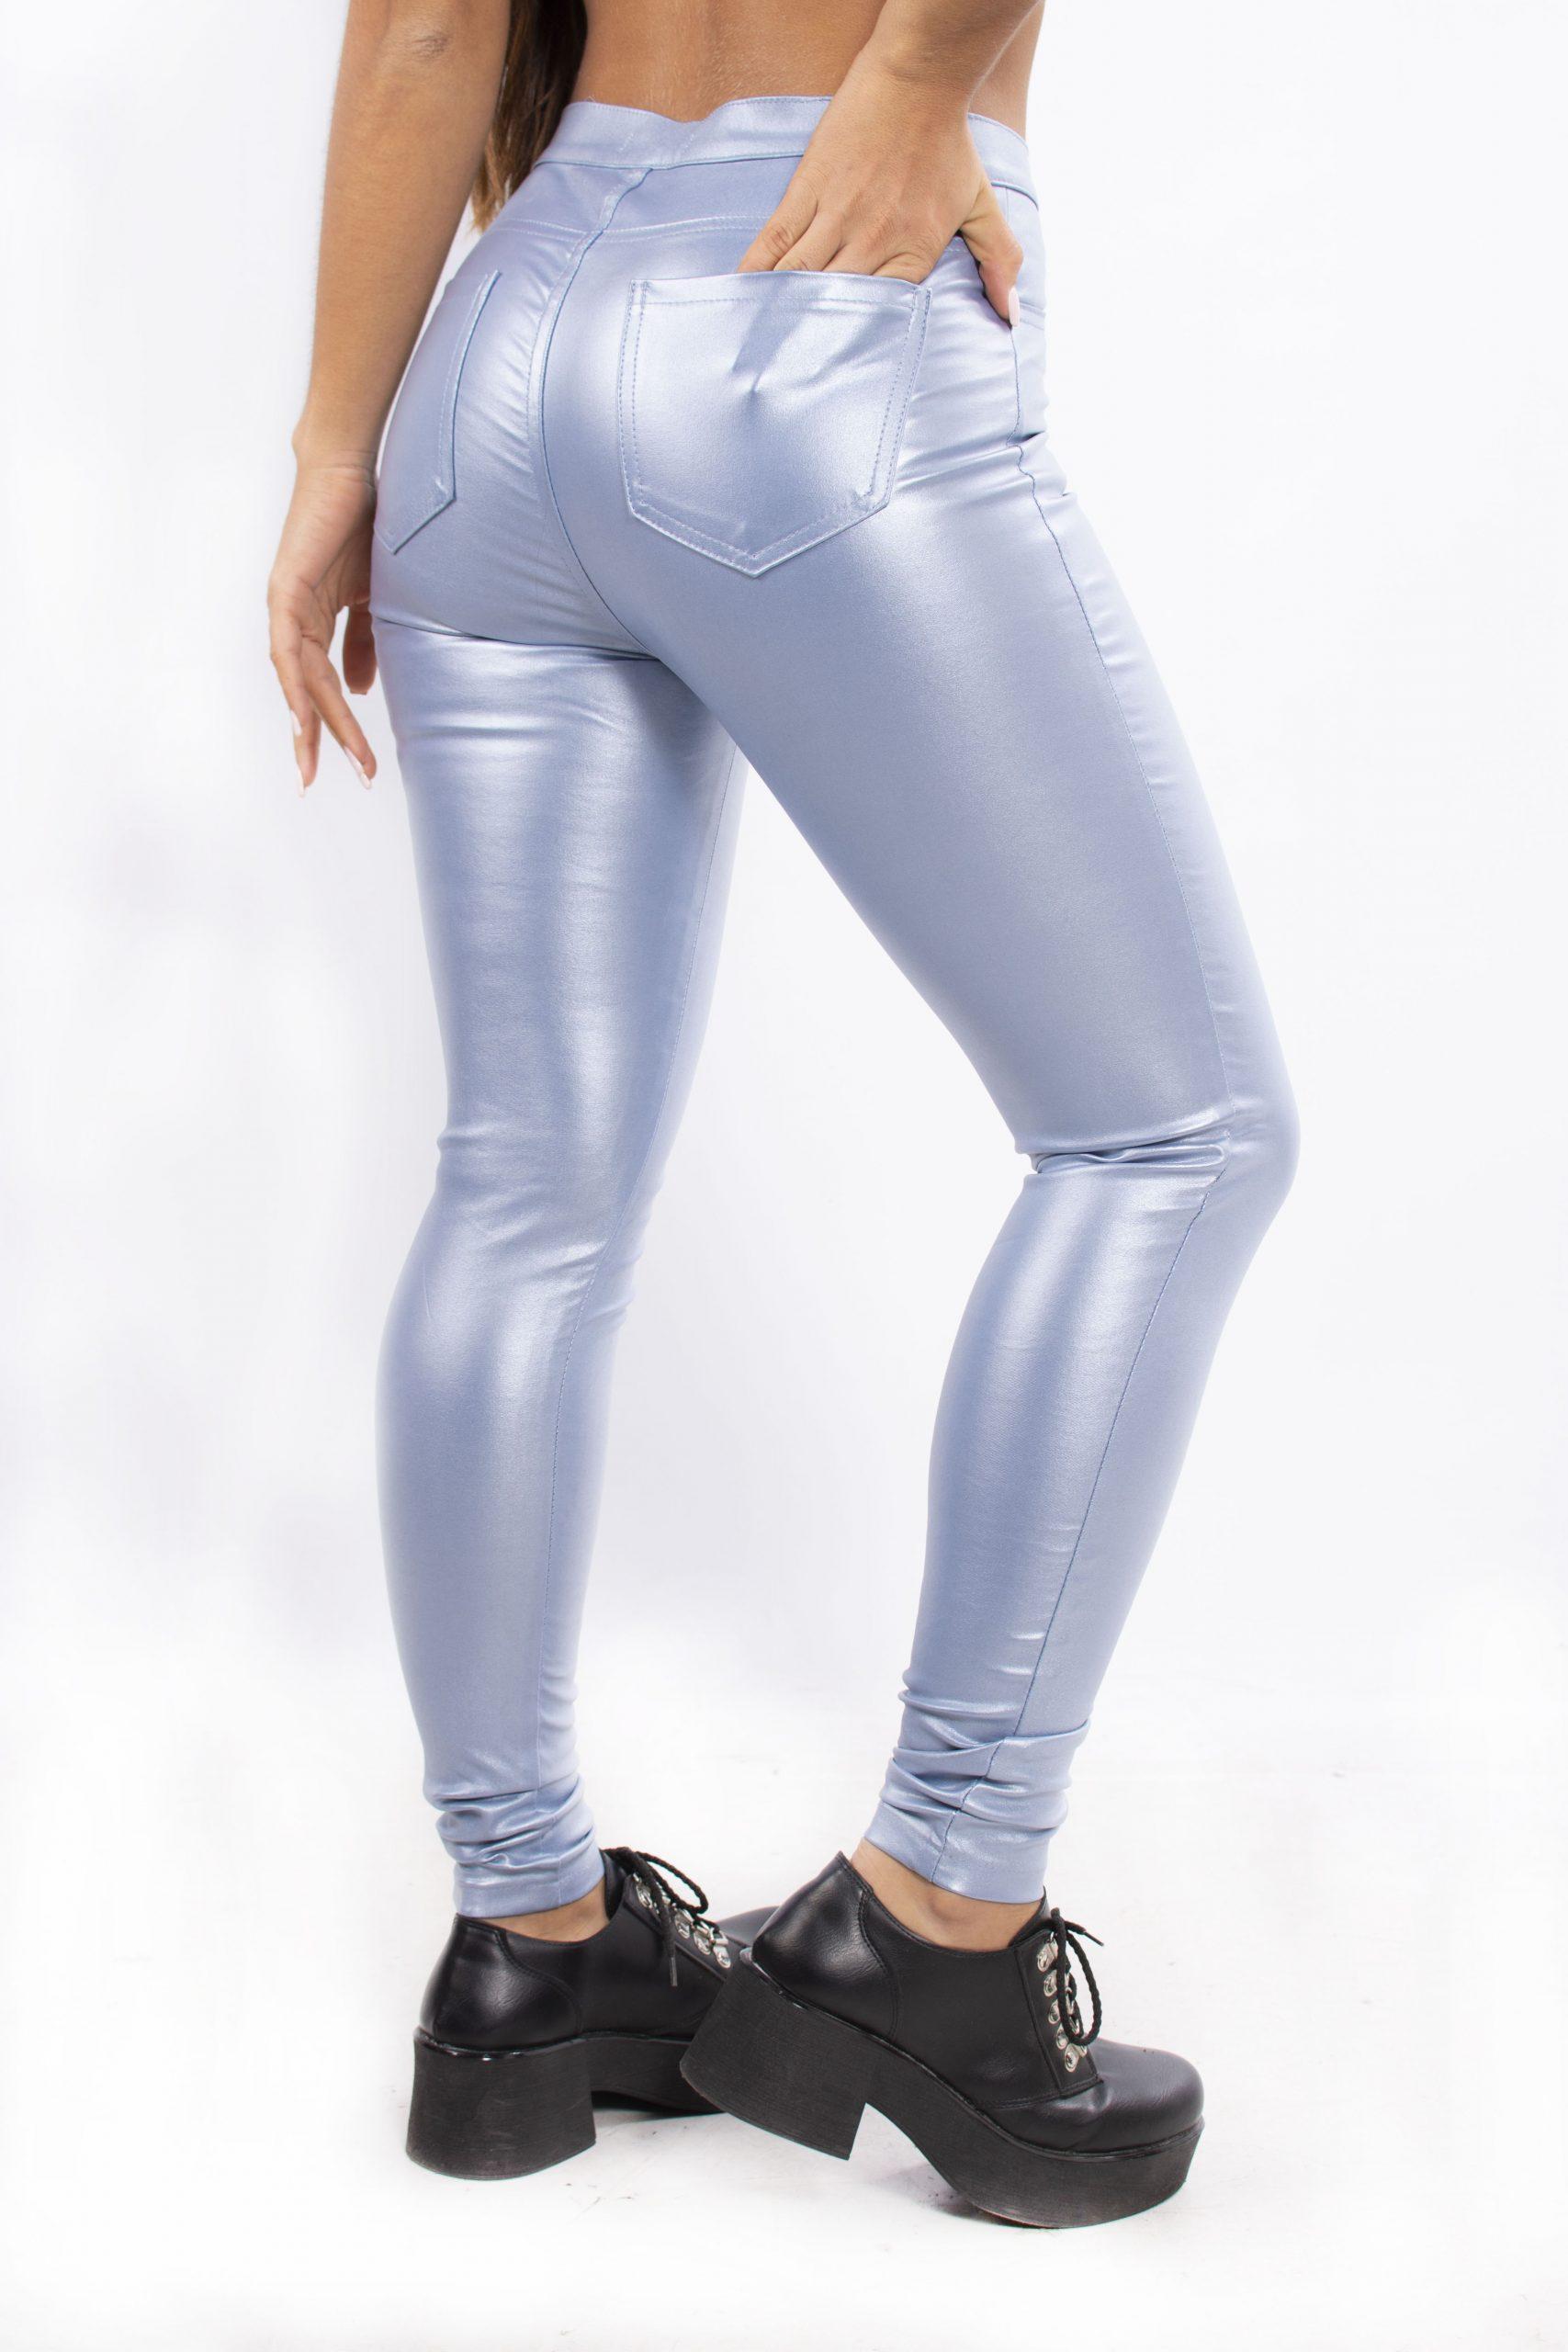 Pantalon Engomado Caprice Jc Moda Tienda Online